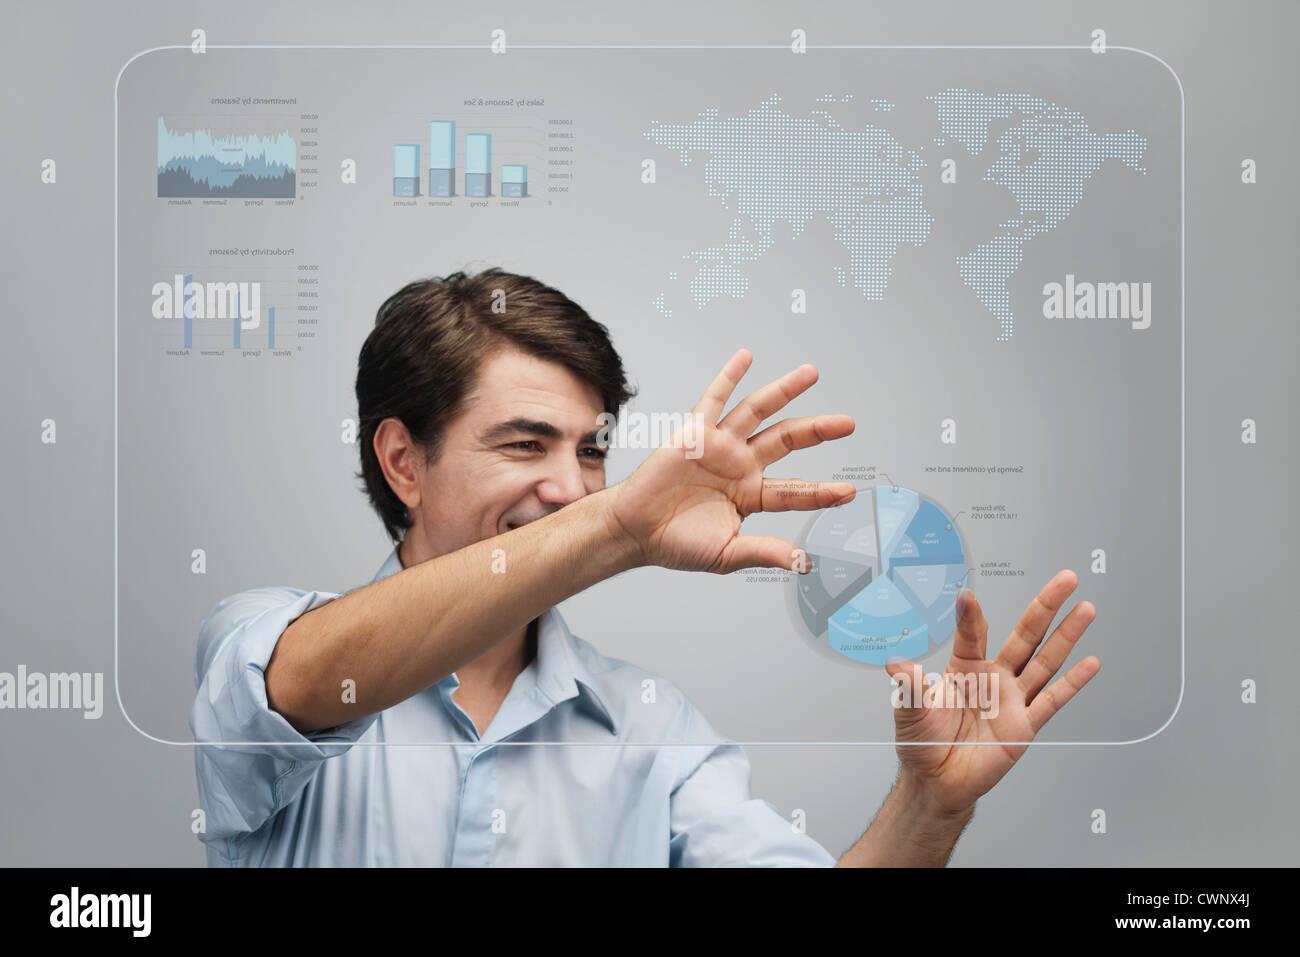 Geschäftsmann mit fortschrittlichen Touchscreen-Technologie Umsatzdaten anzeigen Stockbild